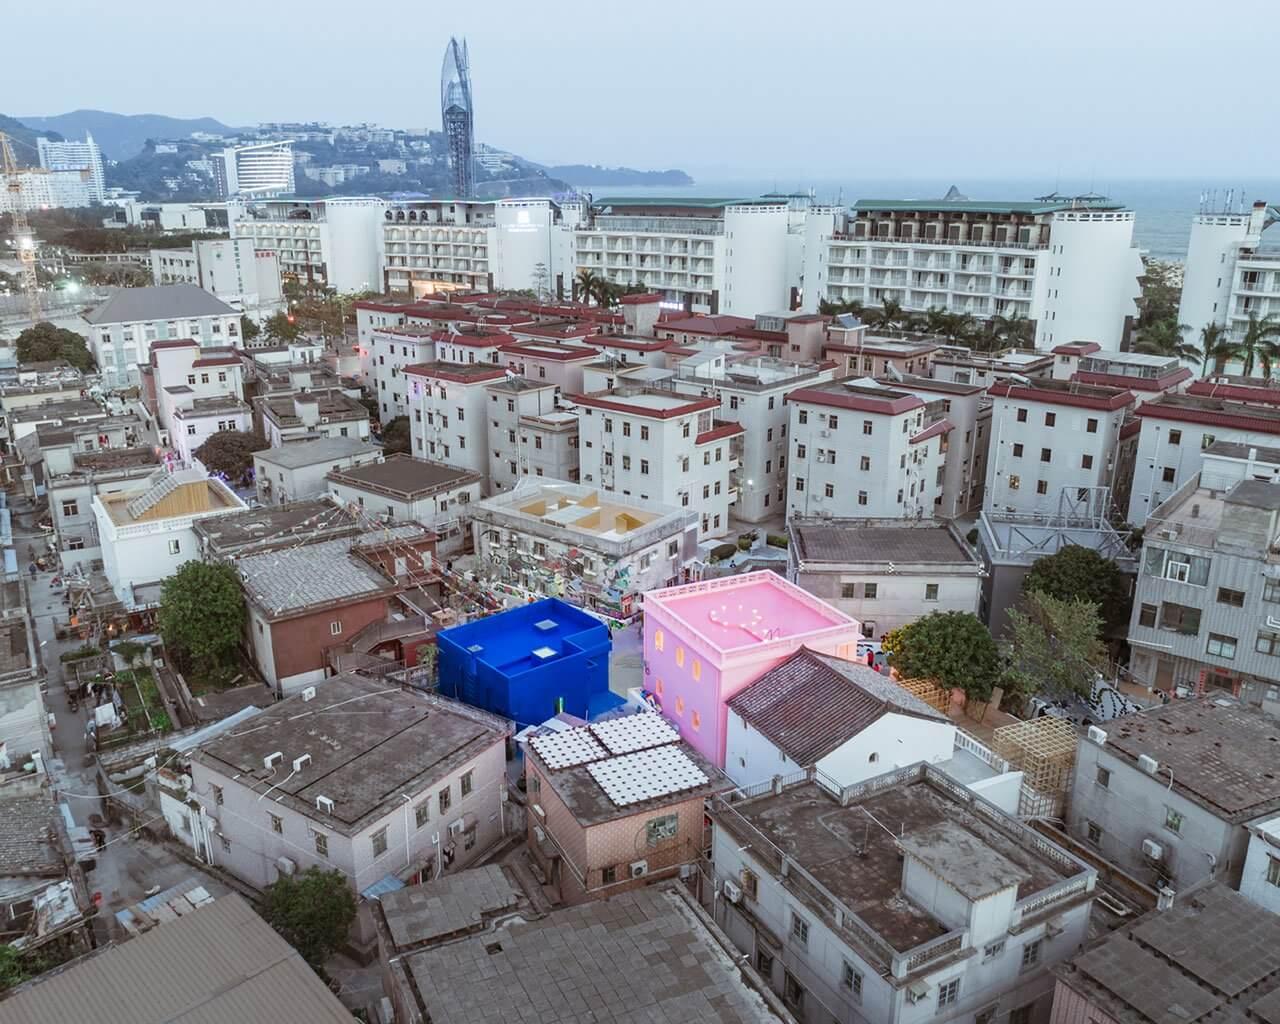 粉藍欲望之屋—Wutopia實驗室的城市改造項目 | 全球設計風向